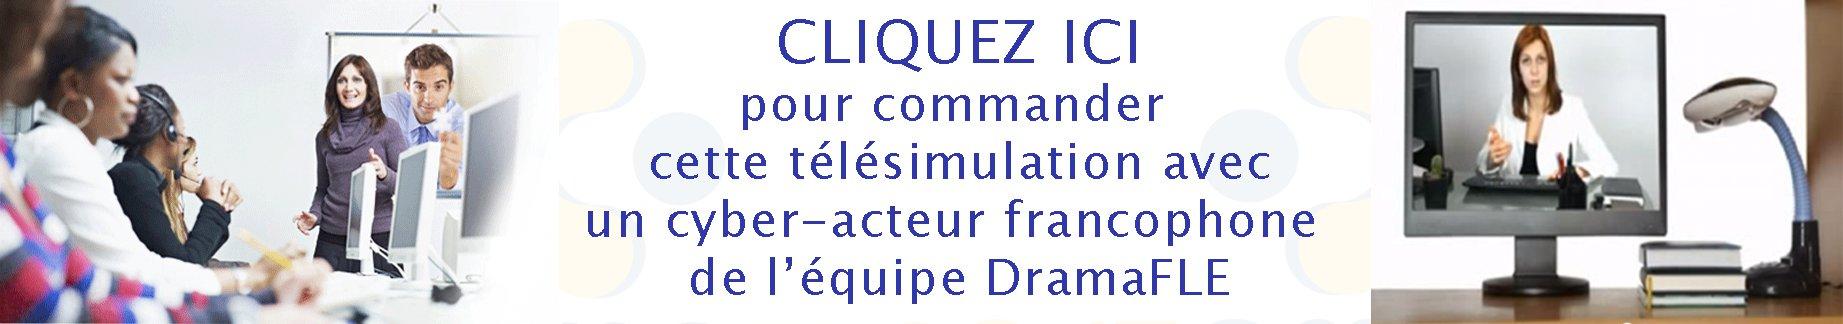 lien_image_pour_DramaFLE